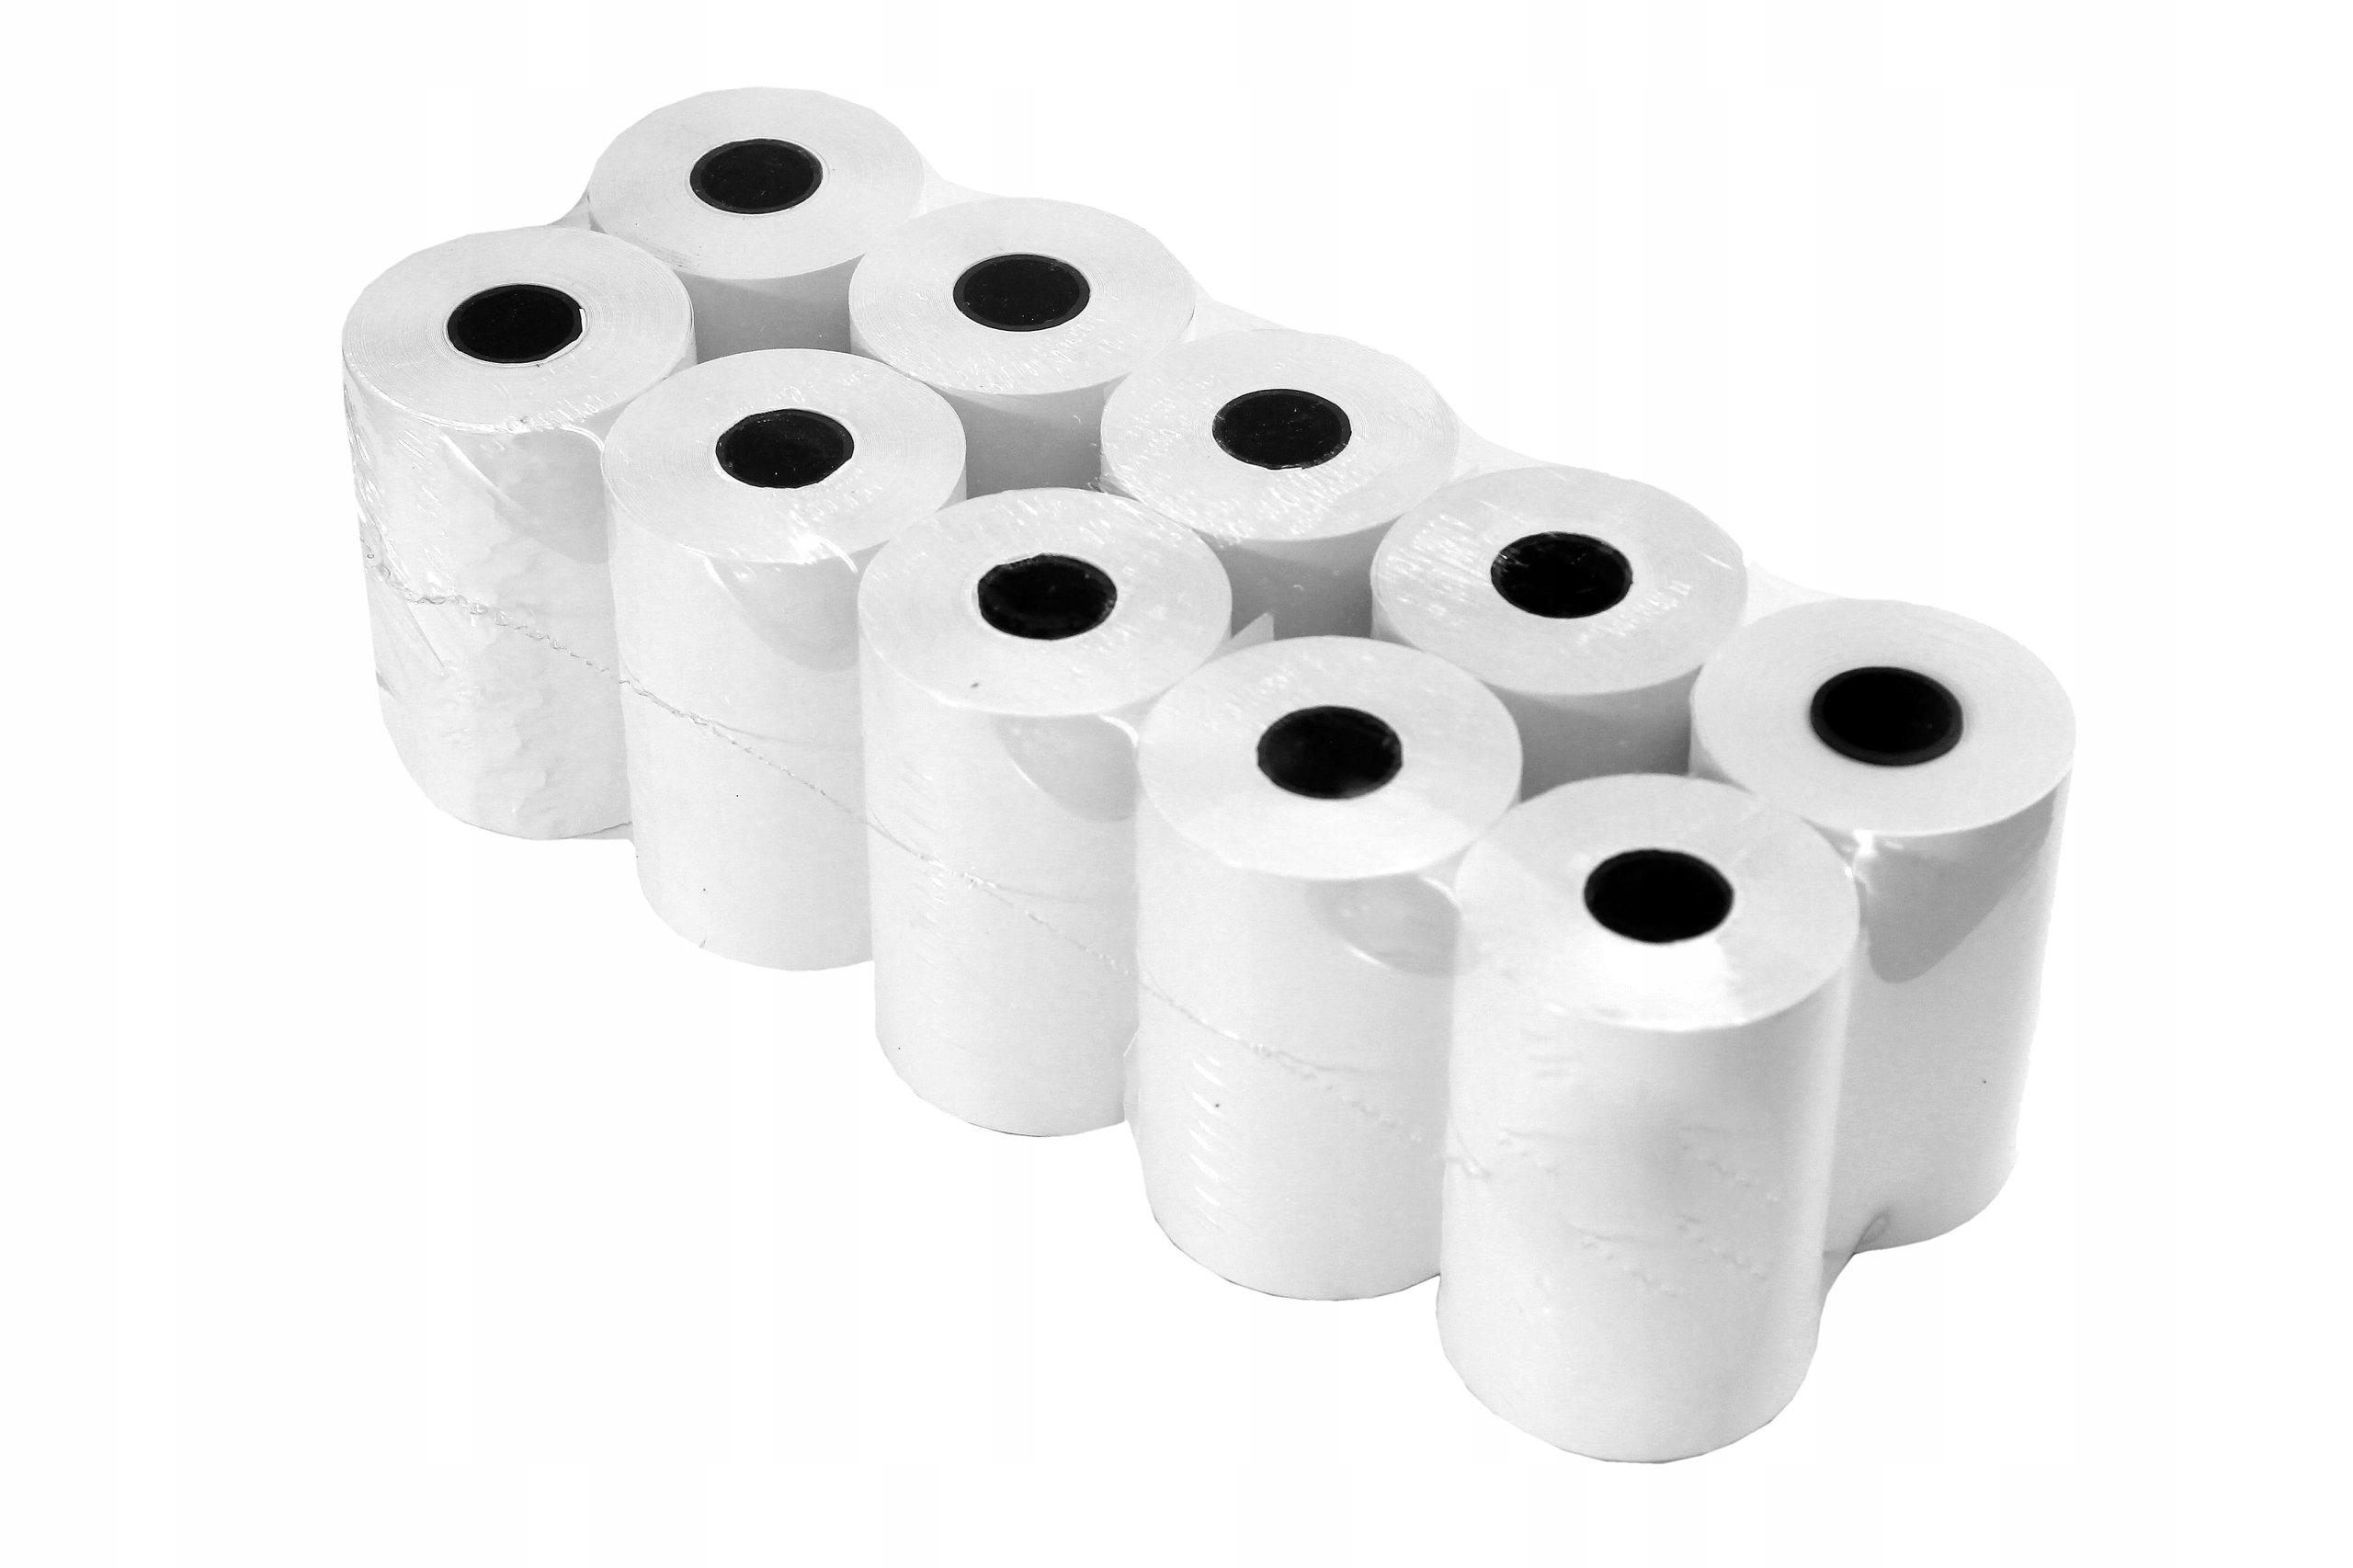 Бумага, рулоны для кассового аппарата ELZAB K10 - 10 шт.